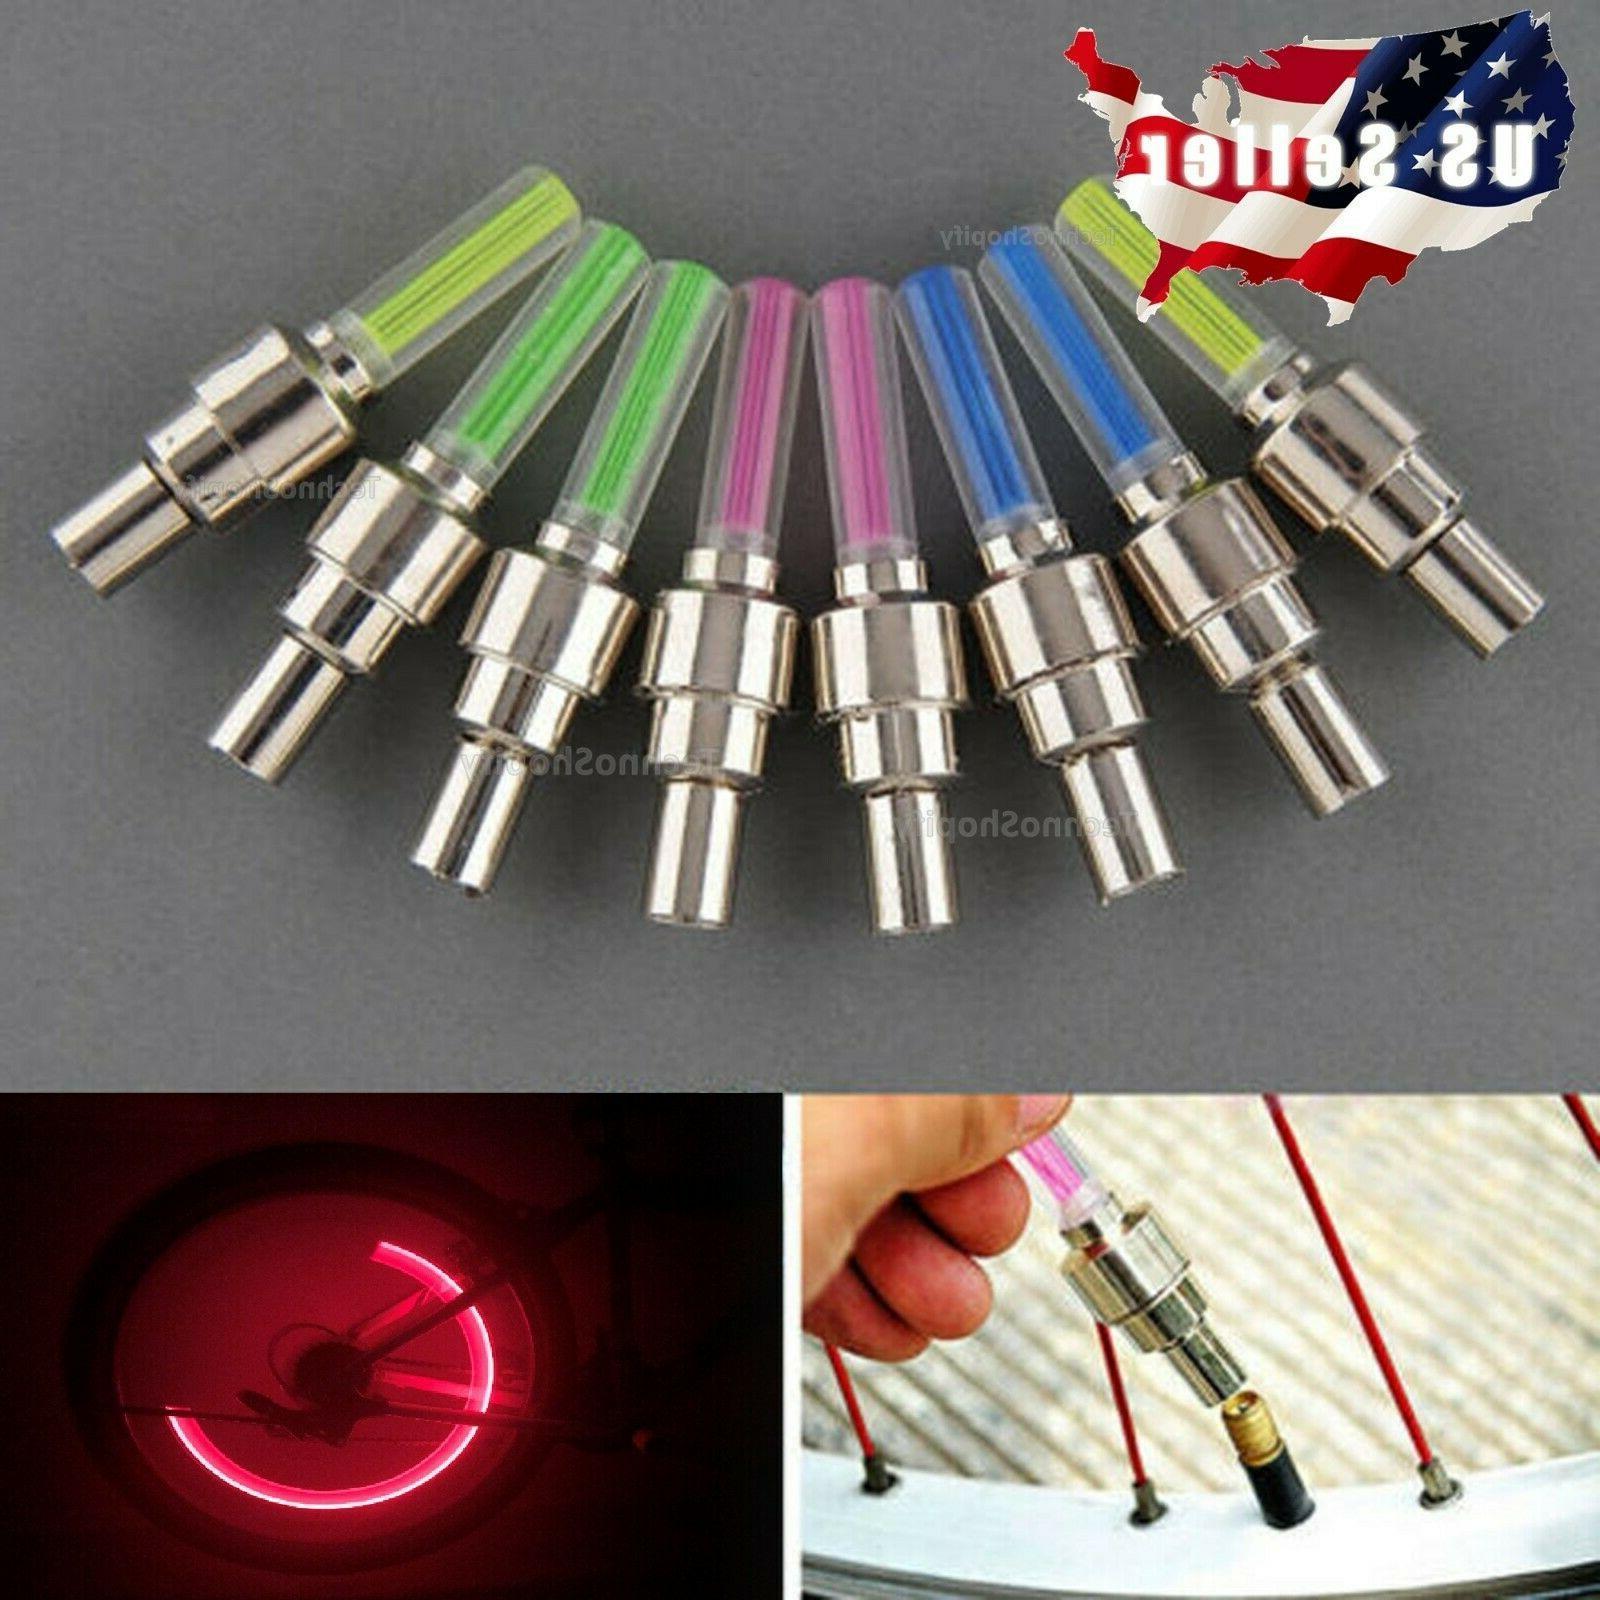 2 4 pcs valve stem led cap